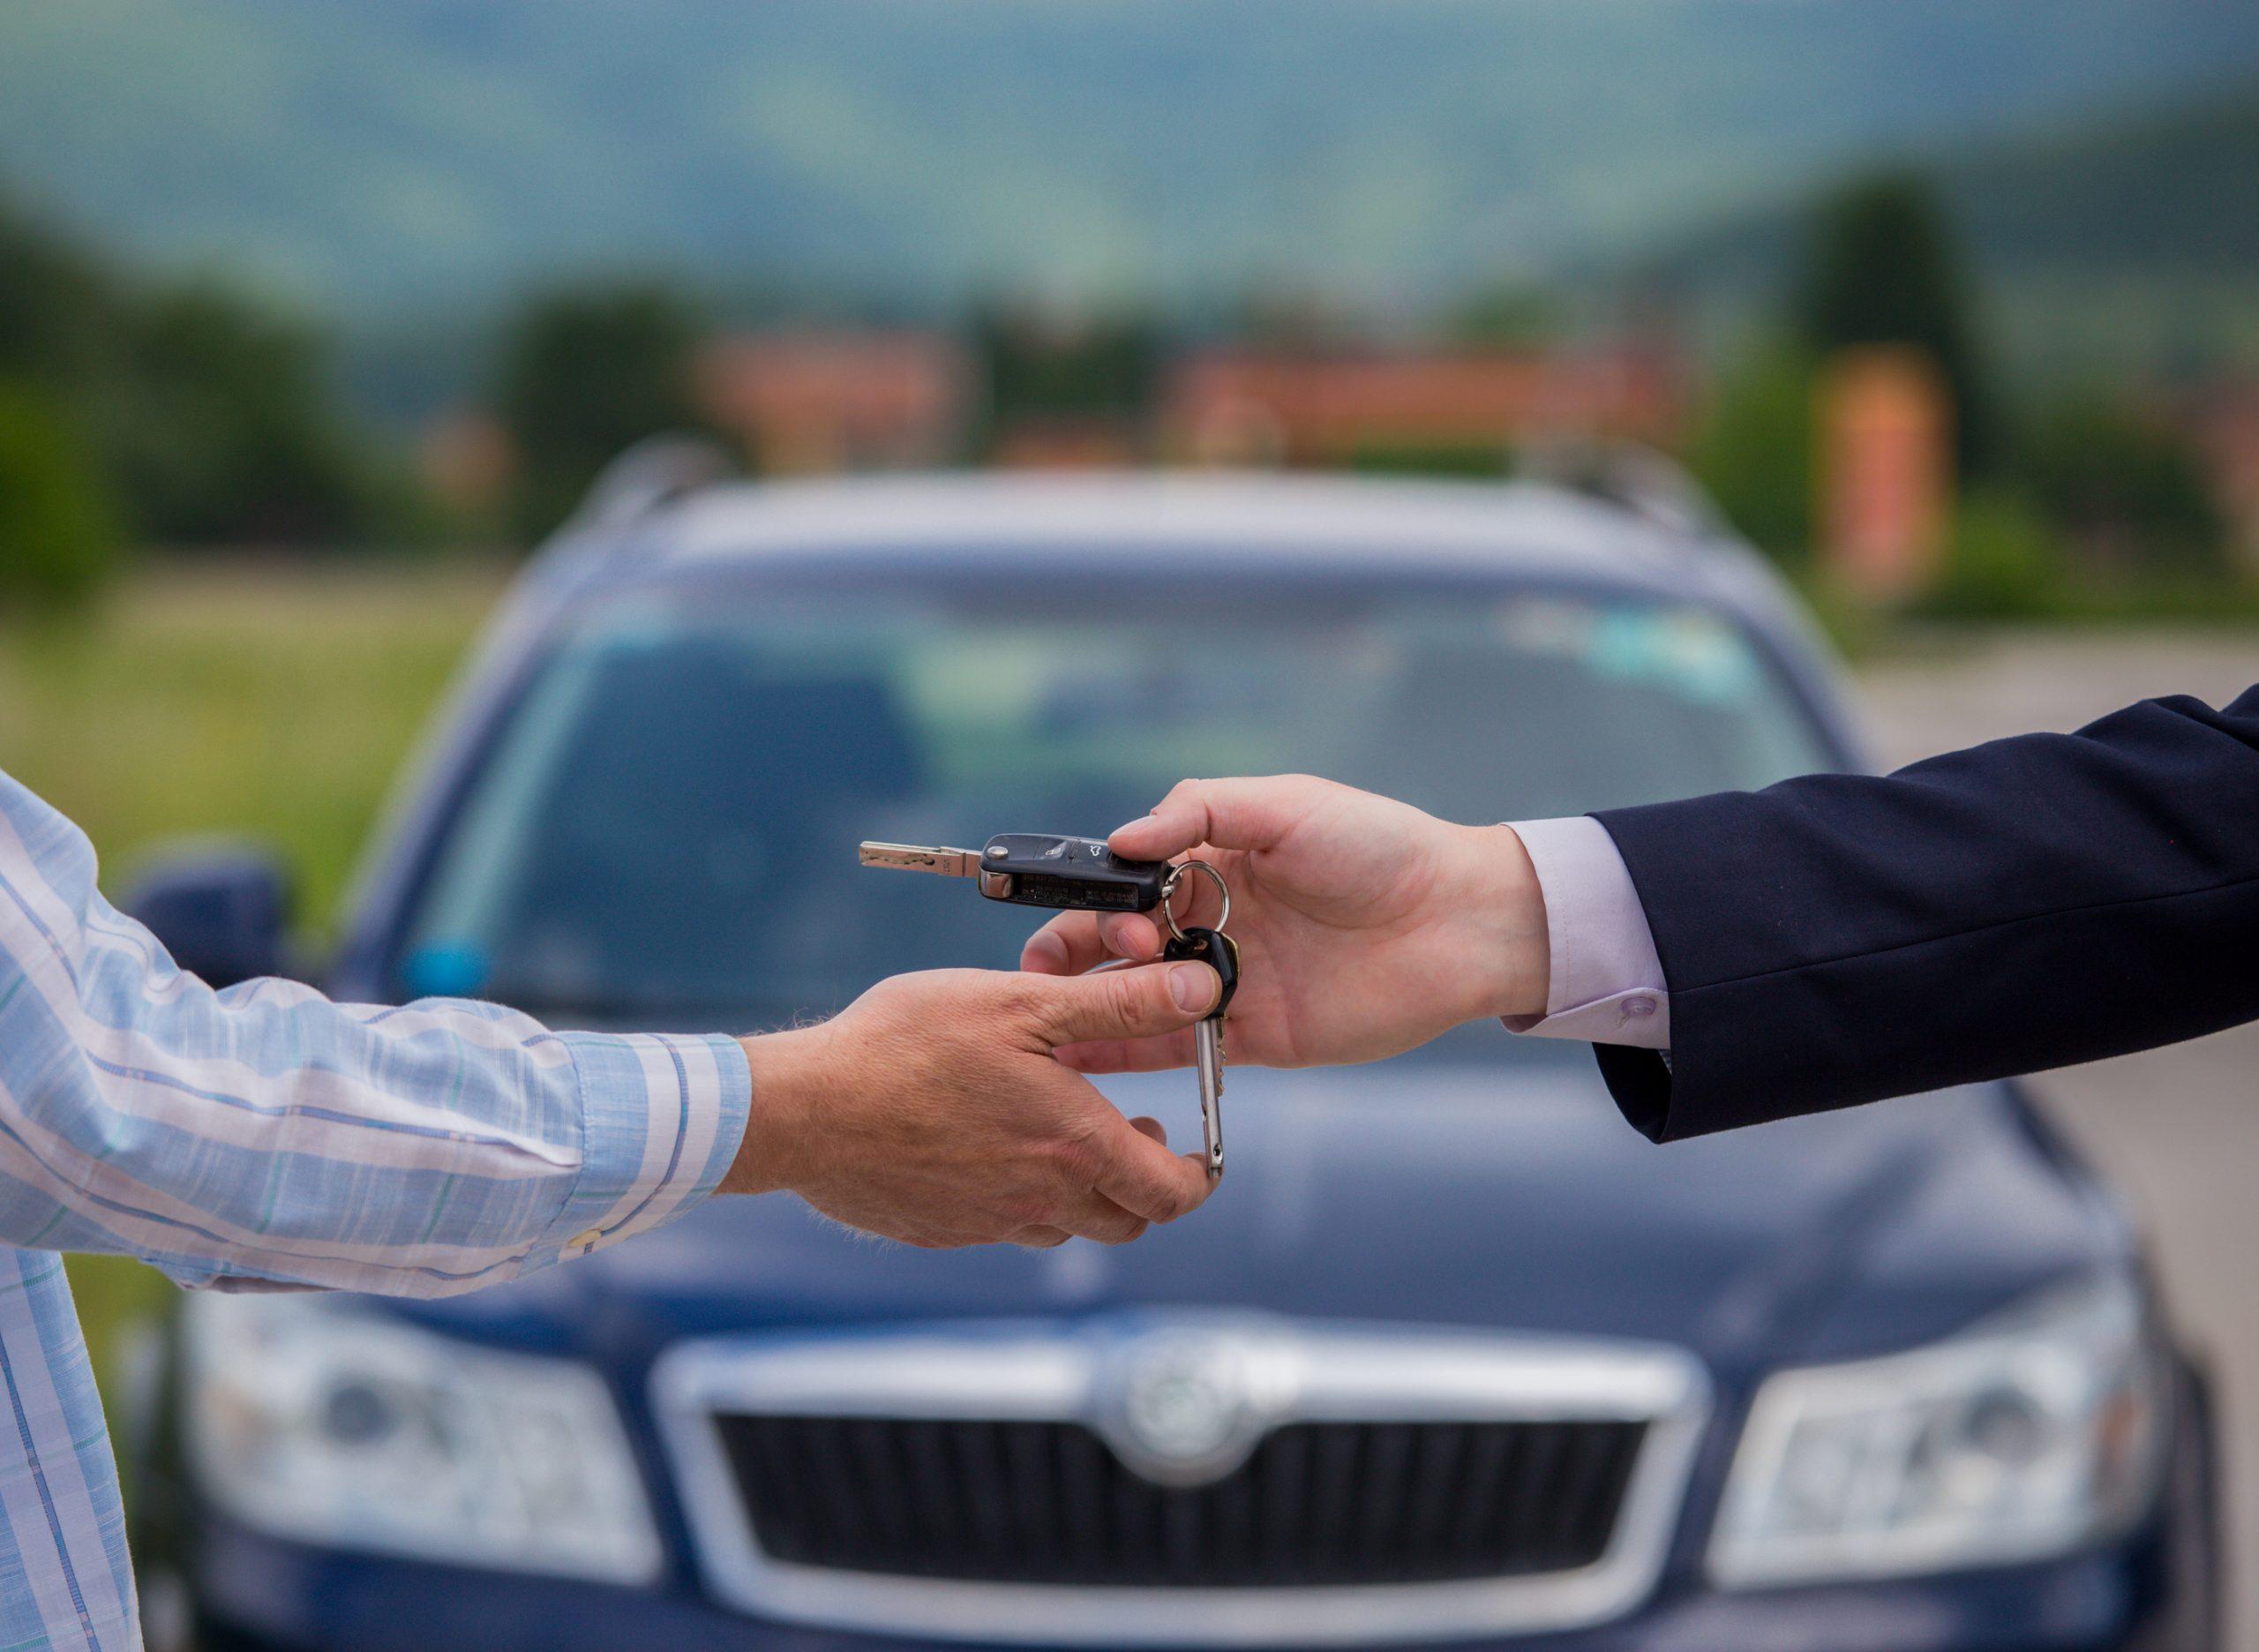 Quiero vender mi auto, ¡urgente!